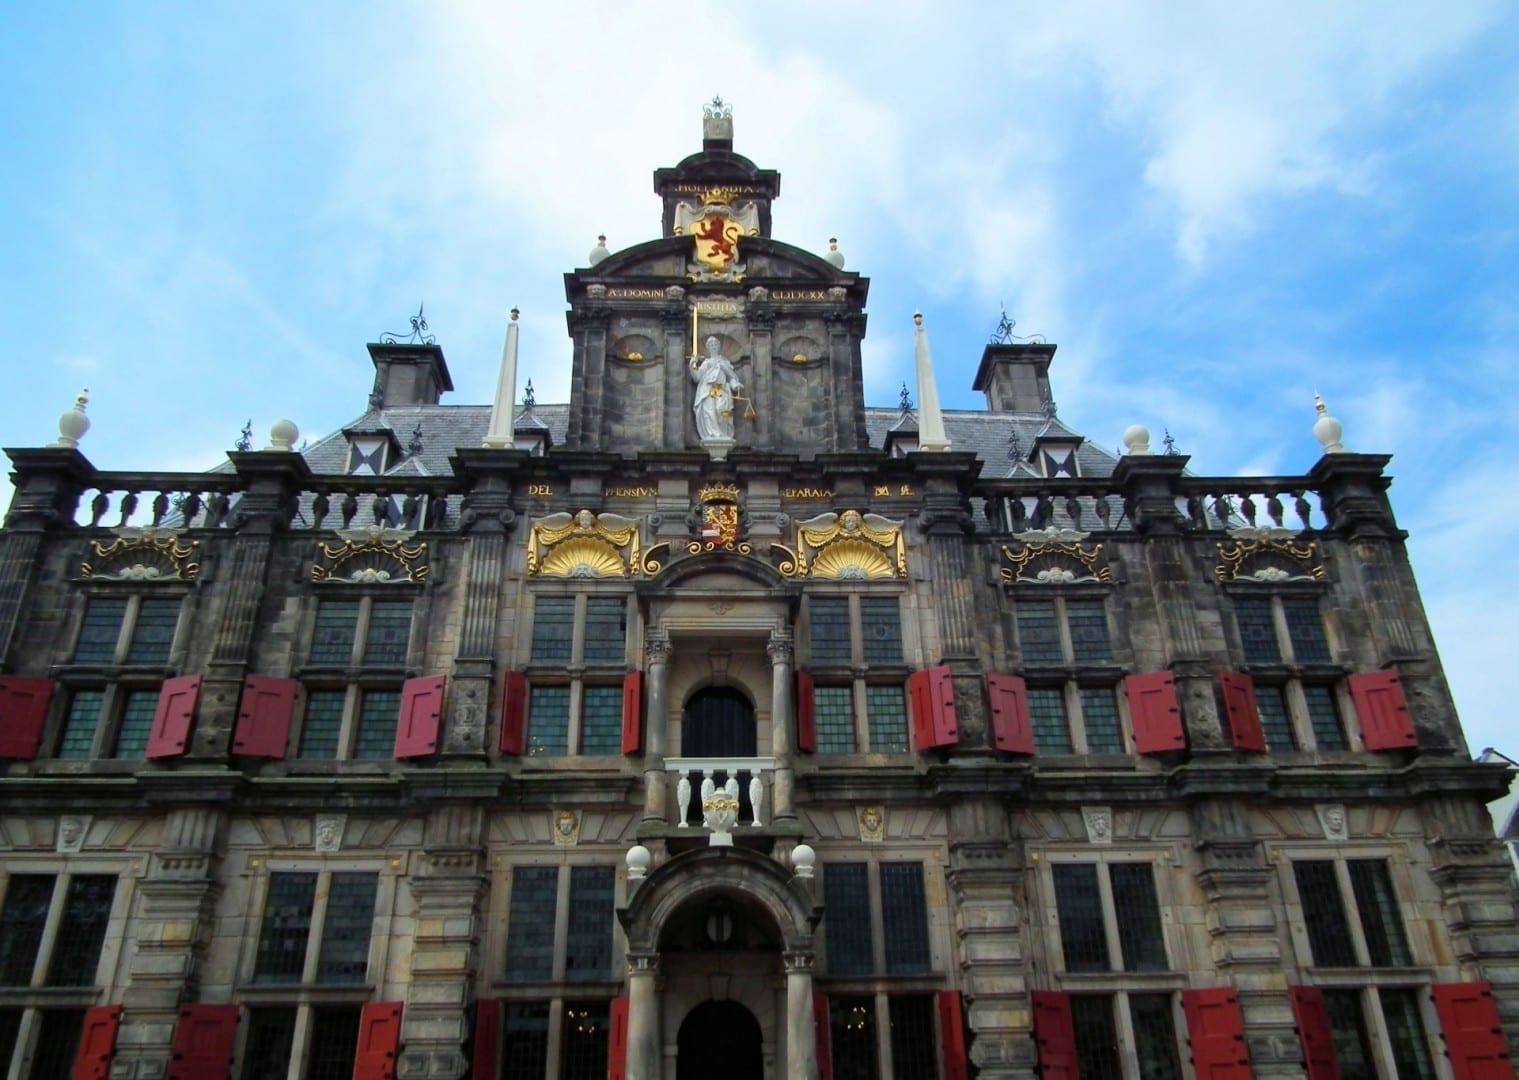 Stadhuis de cerca Delft Países Bajos